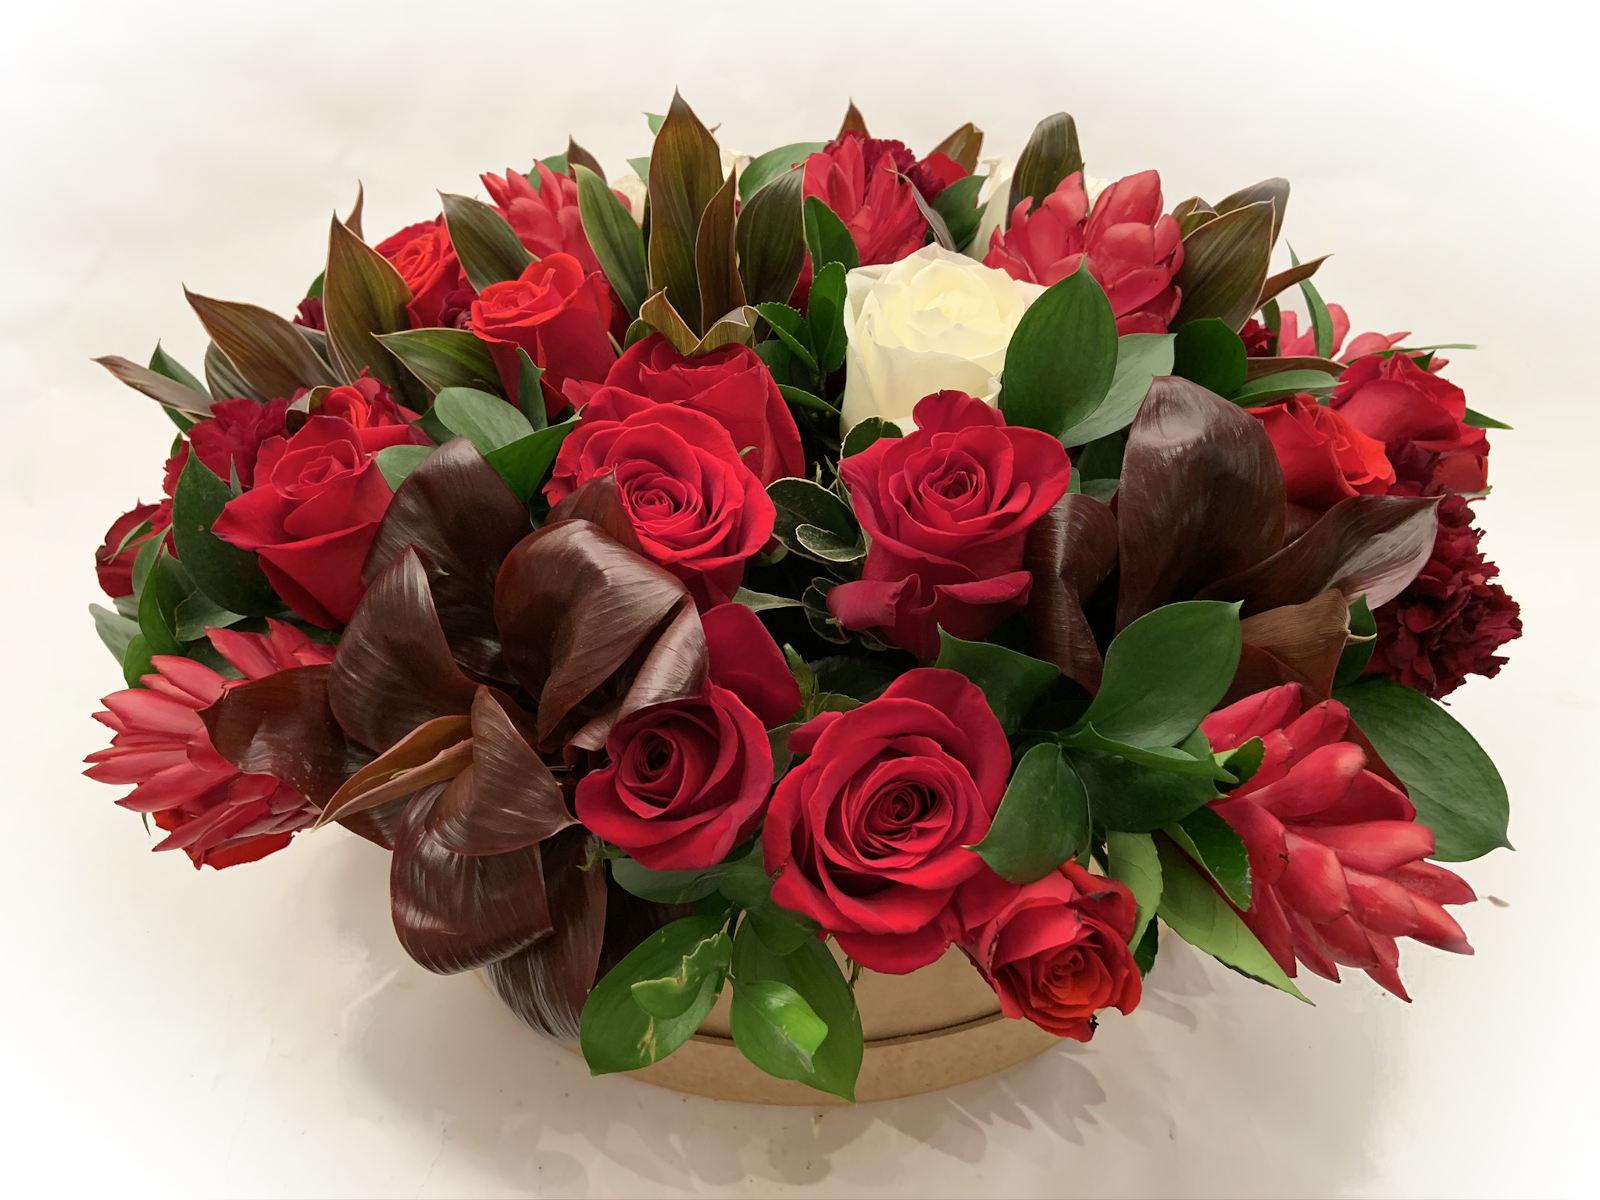 Caixa com Rosas e Flores Vermelhas